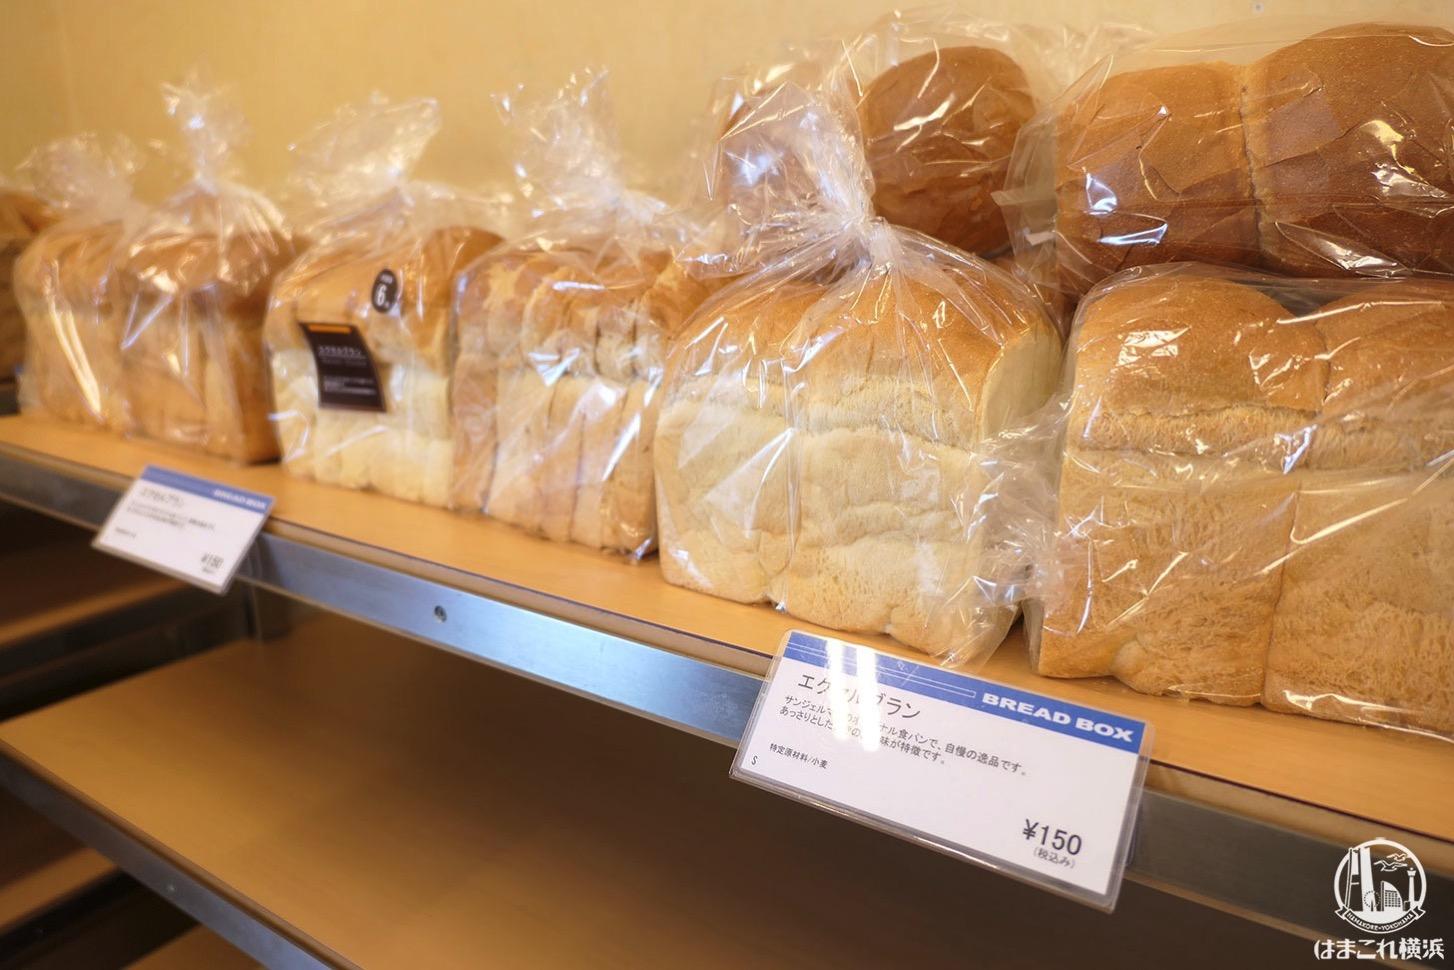 サンジェルマン ブレッドボックス 北新横浜店 アウトレットの食パン